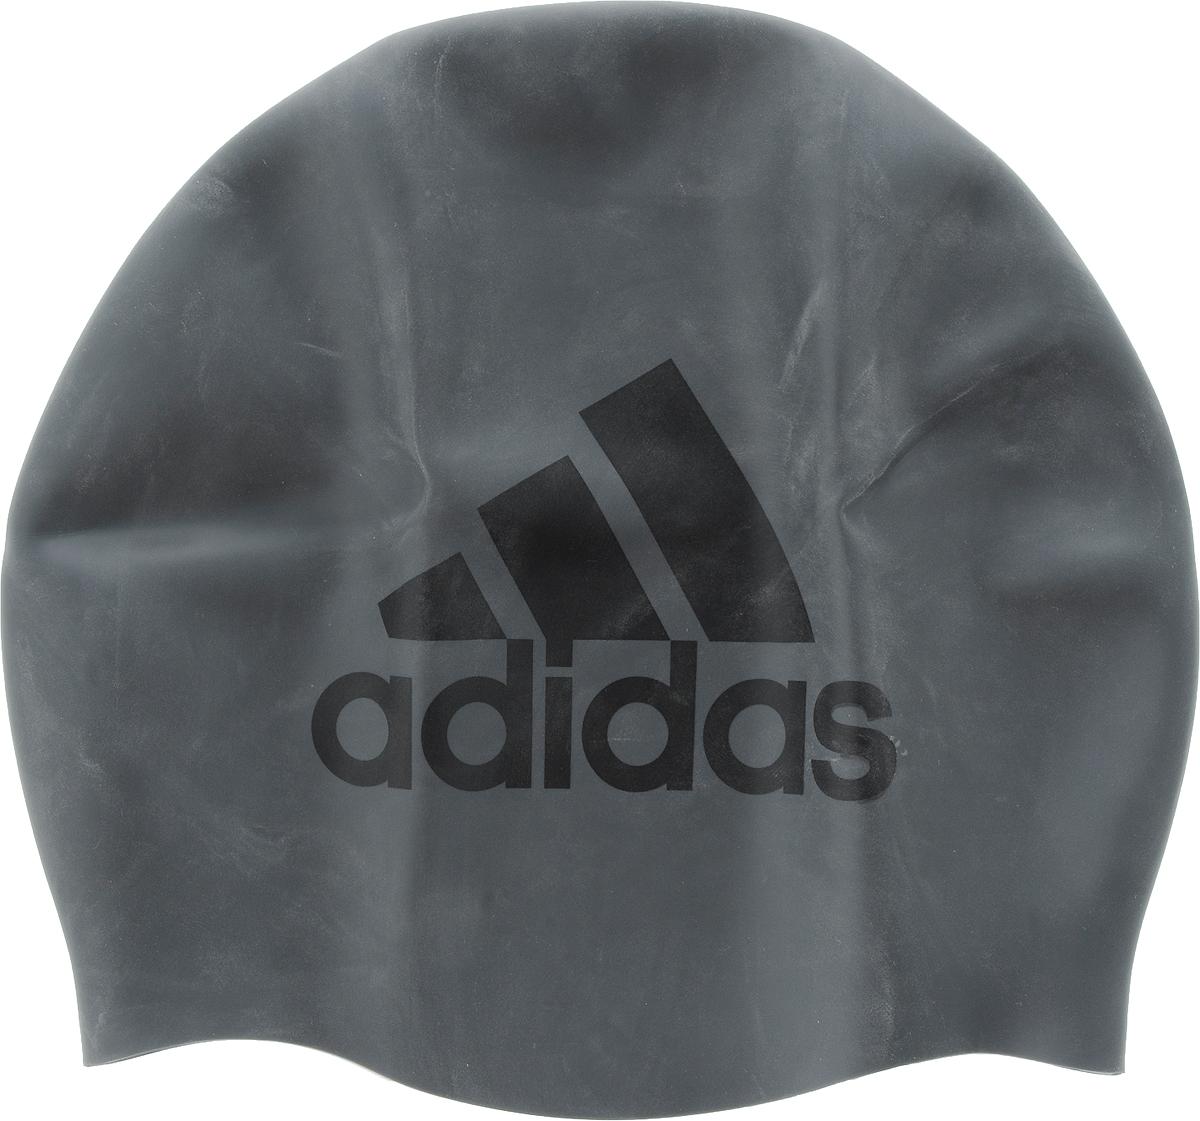 Шапочка для плавания Adidas. CE9931CE9931Классическая шапочка для плавания Adidas, выполненная из силикона, плотно облегает голову, обеспечивая комфортную и надежную посадку. Эта шапочка помогает уменьшить сопротивление и увеличить мотивацию с помощью оригинального дизайна.